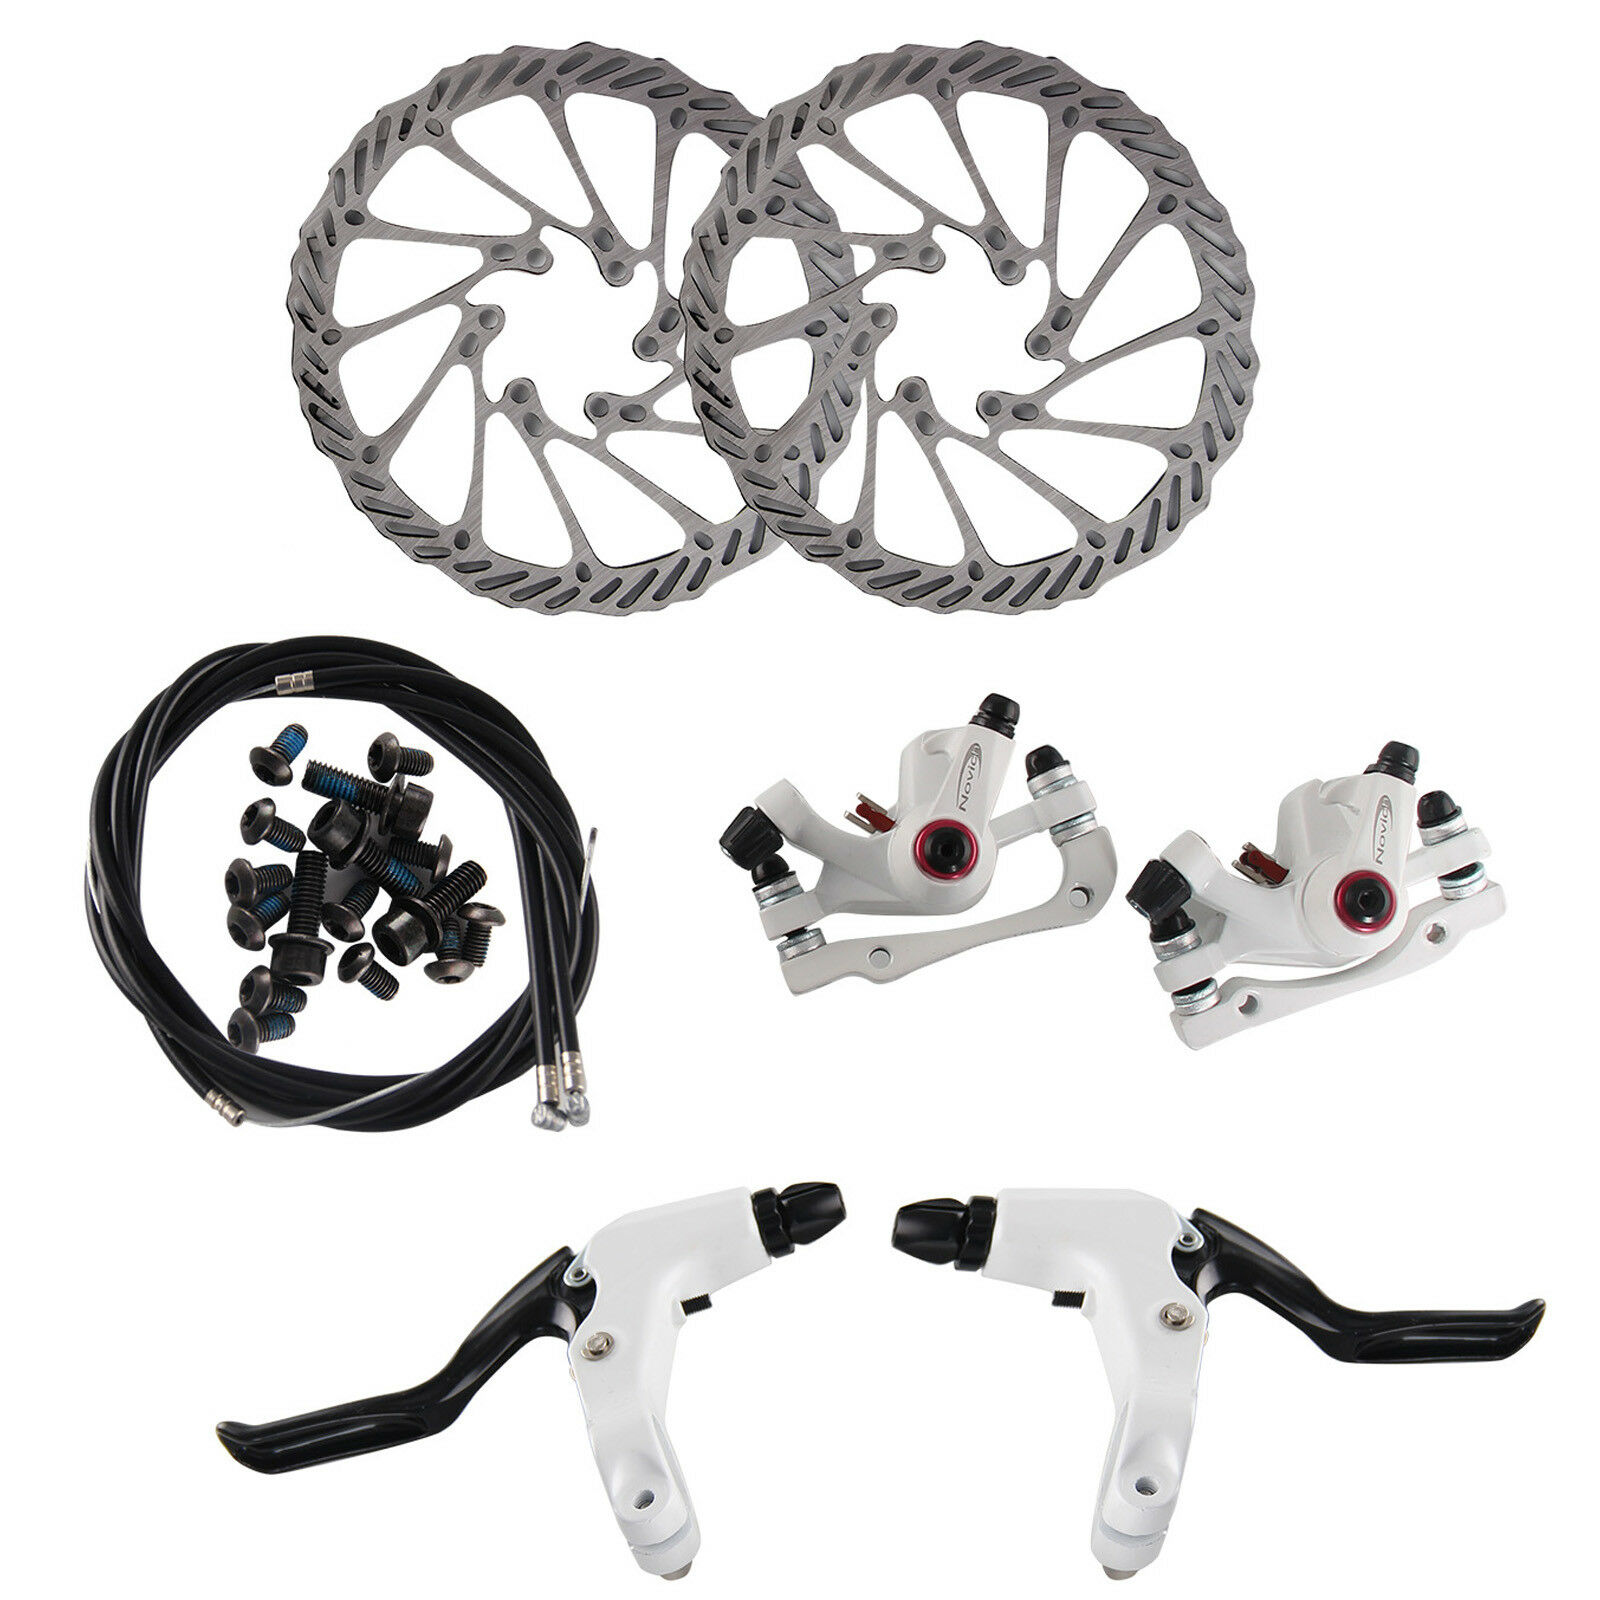 Fahrrad Scheibenbremse Set G3 mechanische Scheibe vorne/&hinten MTB Bremsscheibe